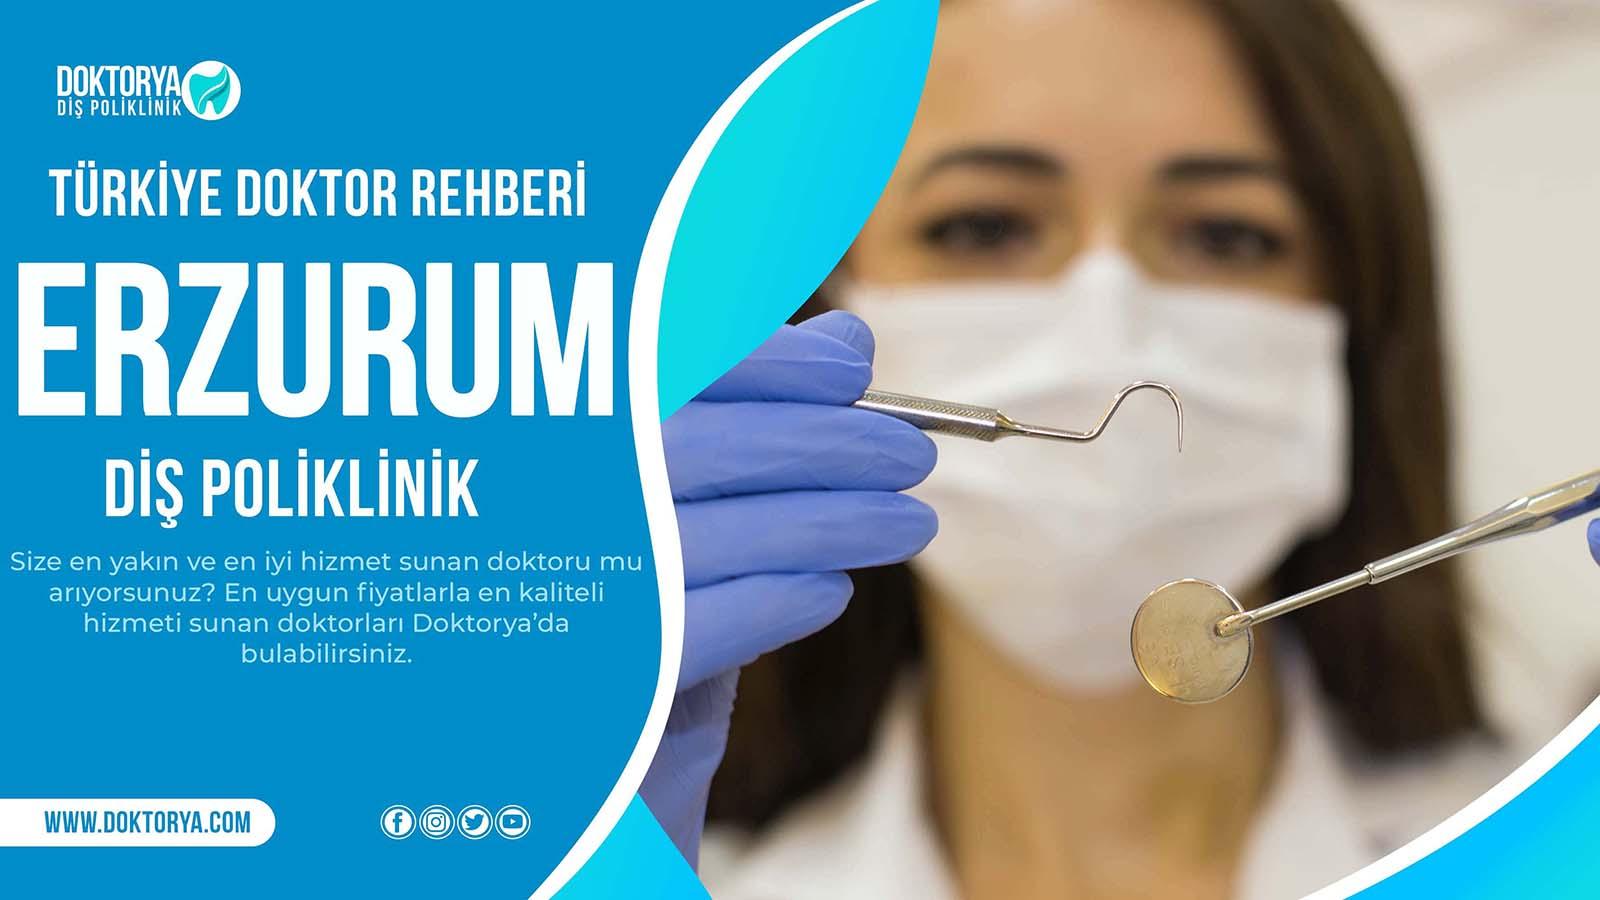 Erzurum Diş Poliklinik